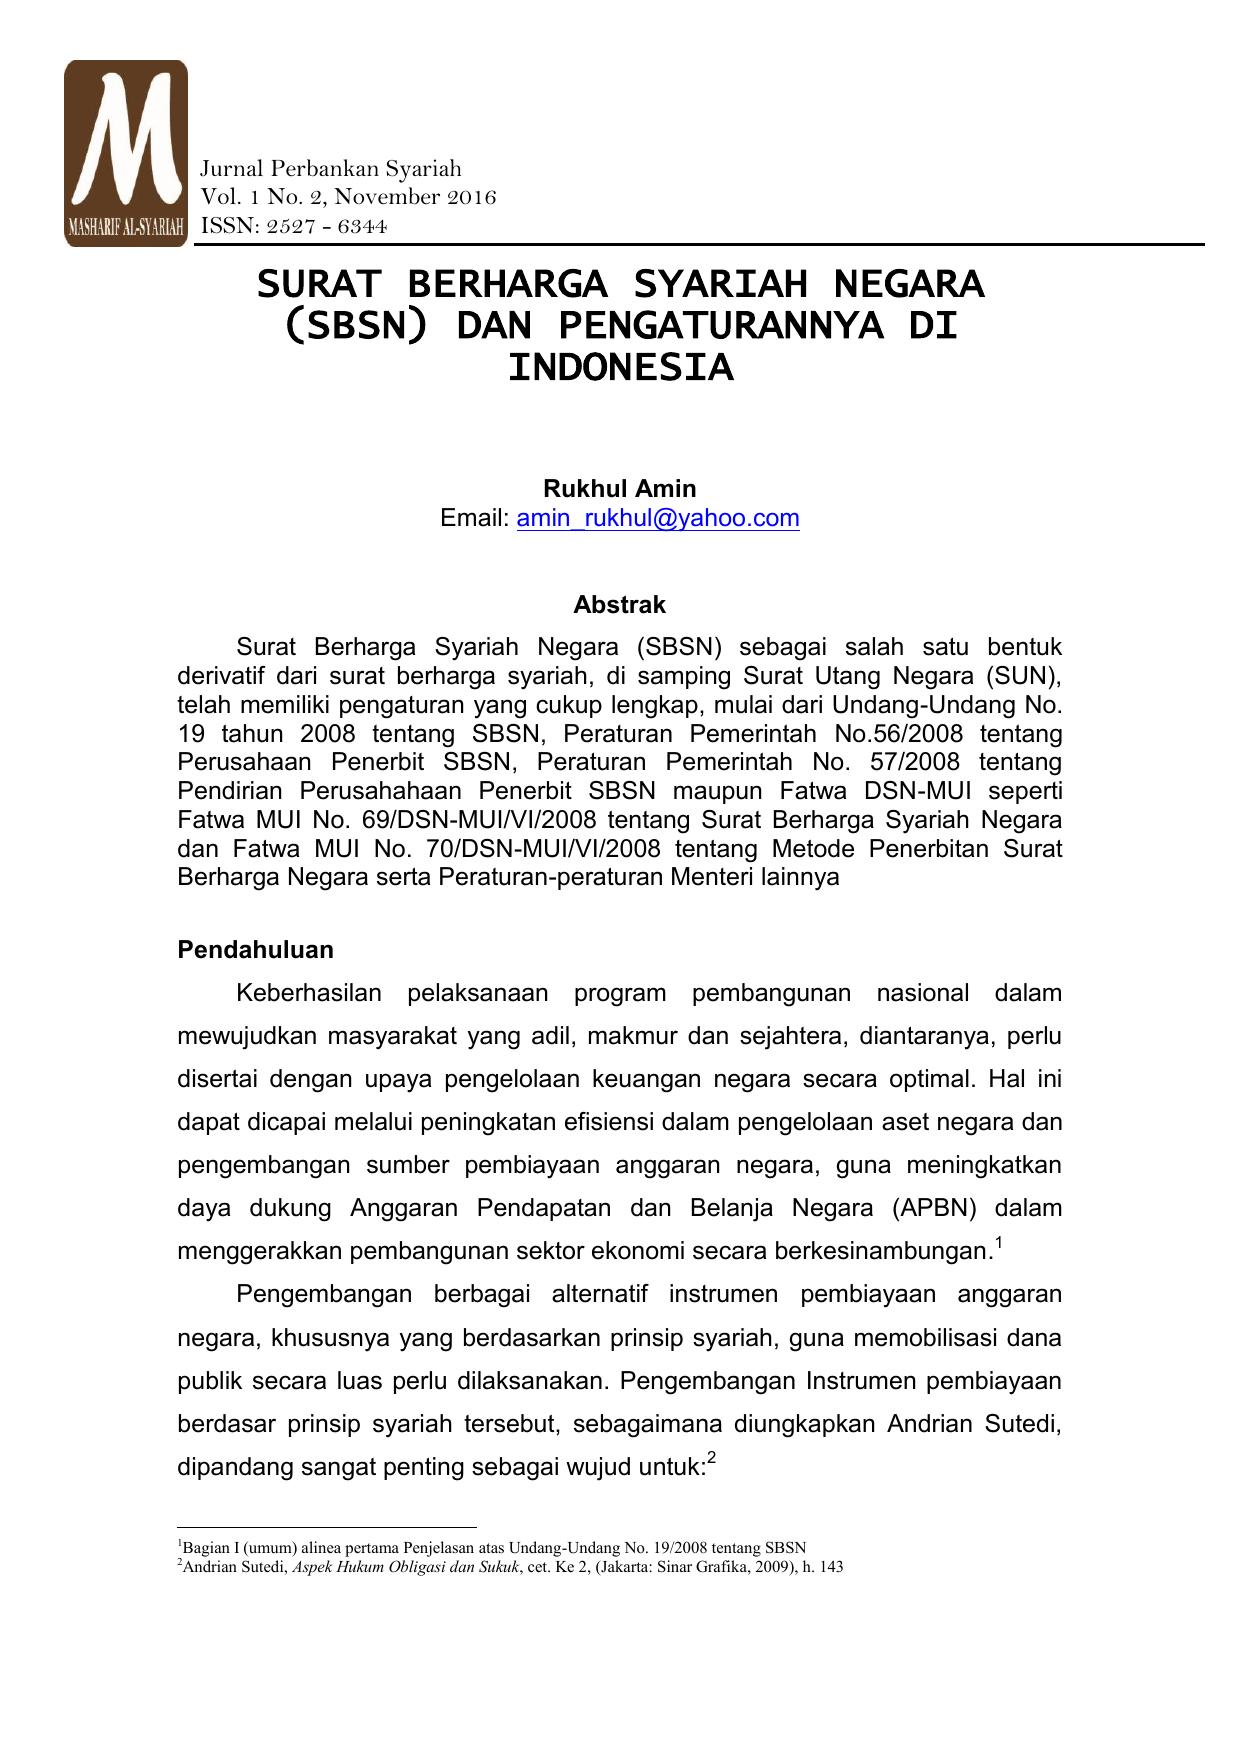 Surat Berharga Syariah Negara Sbsn Dan